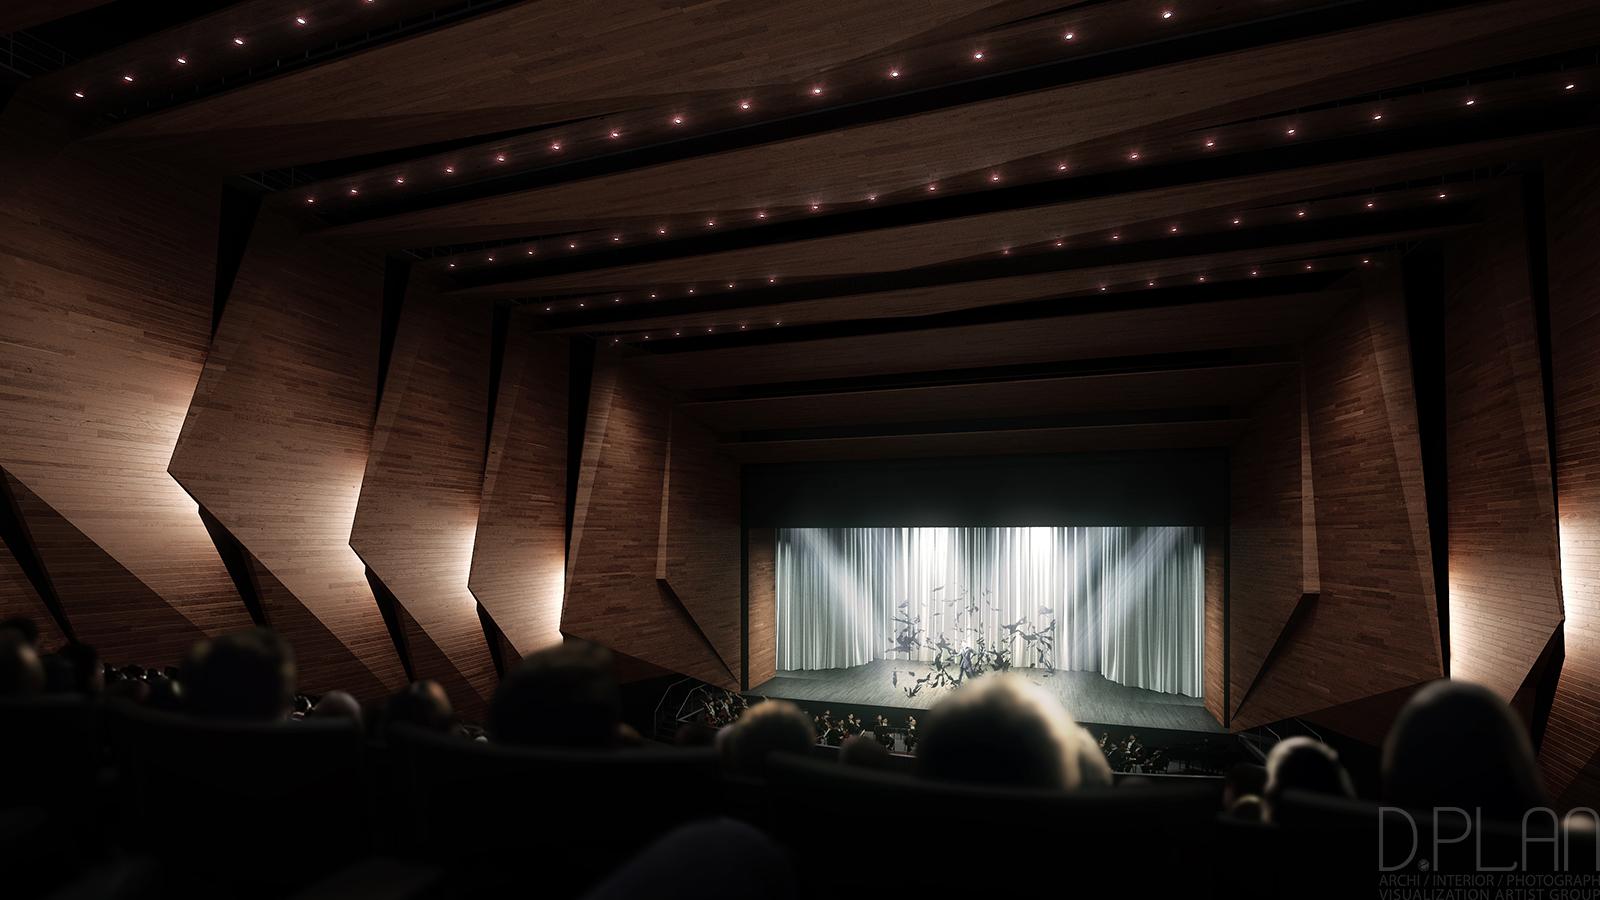 170309_The New Festival Hall of The Tiroler Festspiele Erl_1st fin